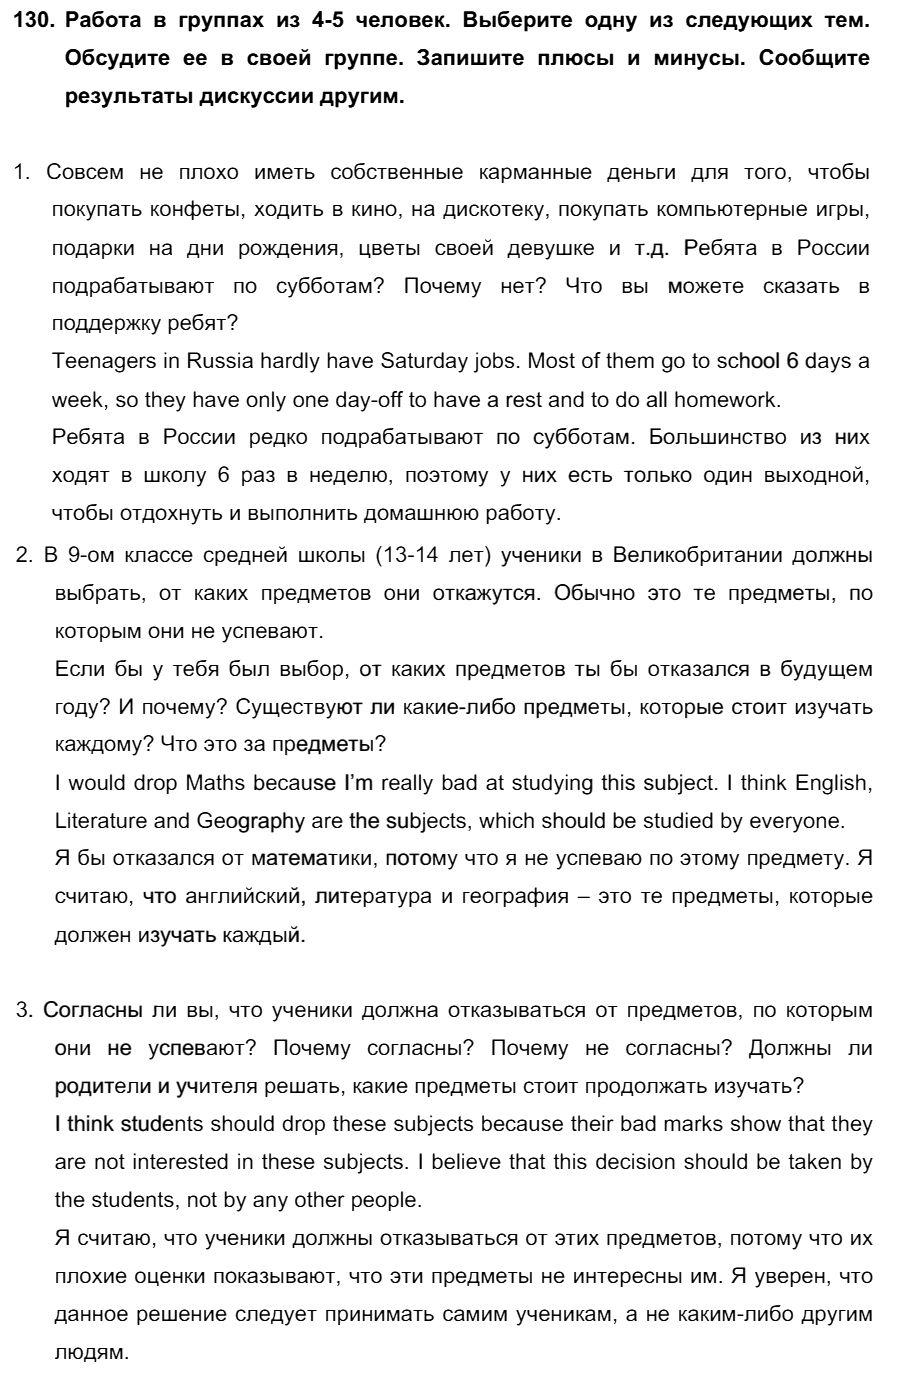 Английский язык 7 класс Биболетова М. З. Unit 3. Взгляните на проблемы подростков: школьное образование / Разделы 1-9: 130